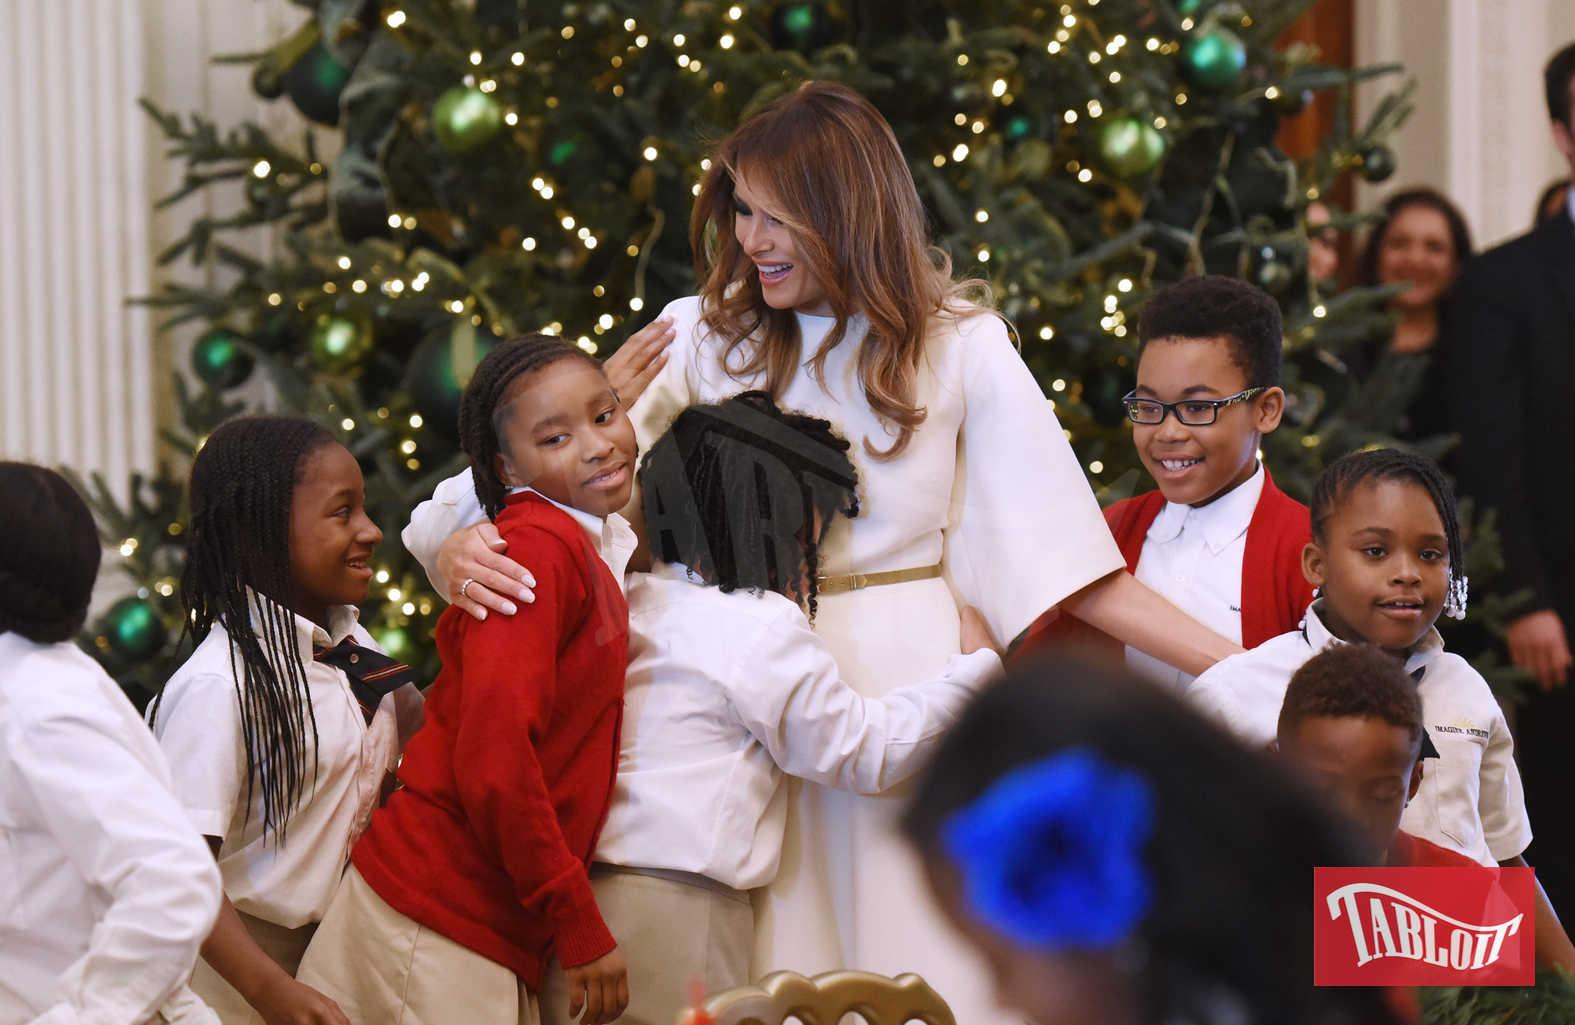 """""""Il presidente, Barron e io siamo molto emozionati per il nostro primo Natale alla Casa Bianca - ha dichiarato Melania - ma come per molte famiglie in tutto il Paese le tradizioni sono molto importanti per noi. Spero che visitando la casa del popolo quest'anno i visitatori avranno la sensazione di essere a casa per le vacanze"""""""